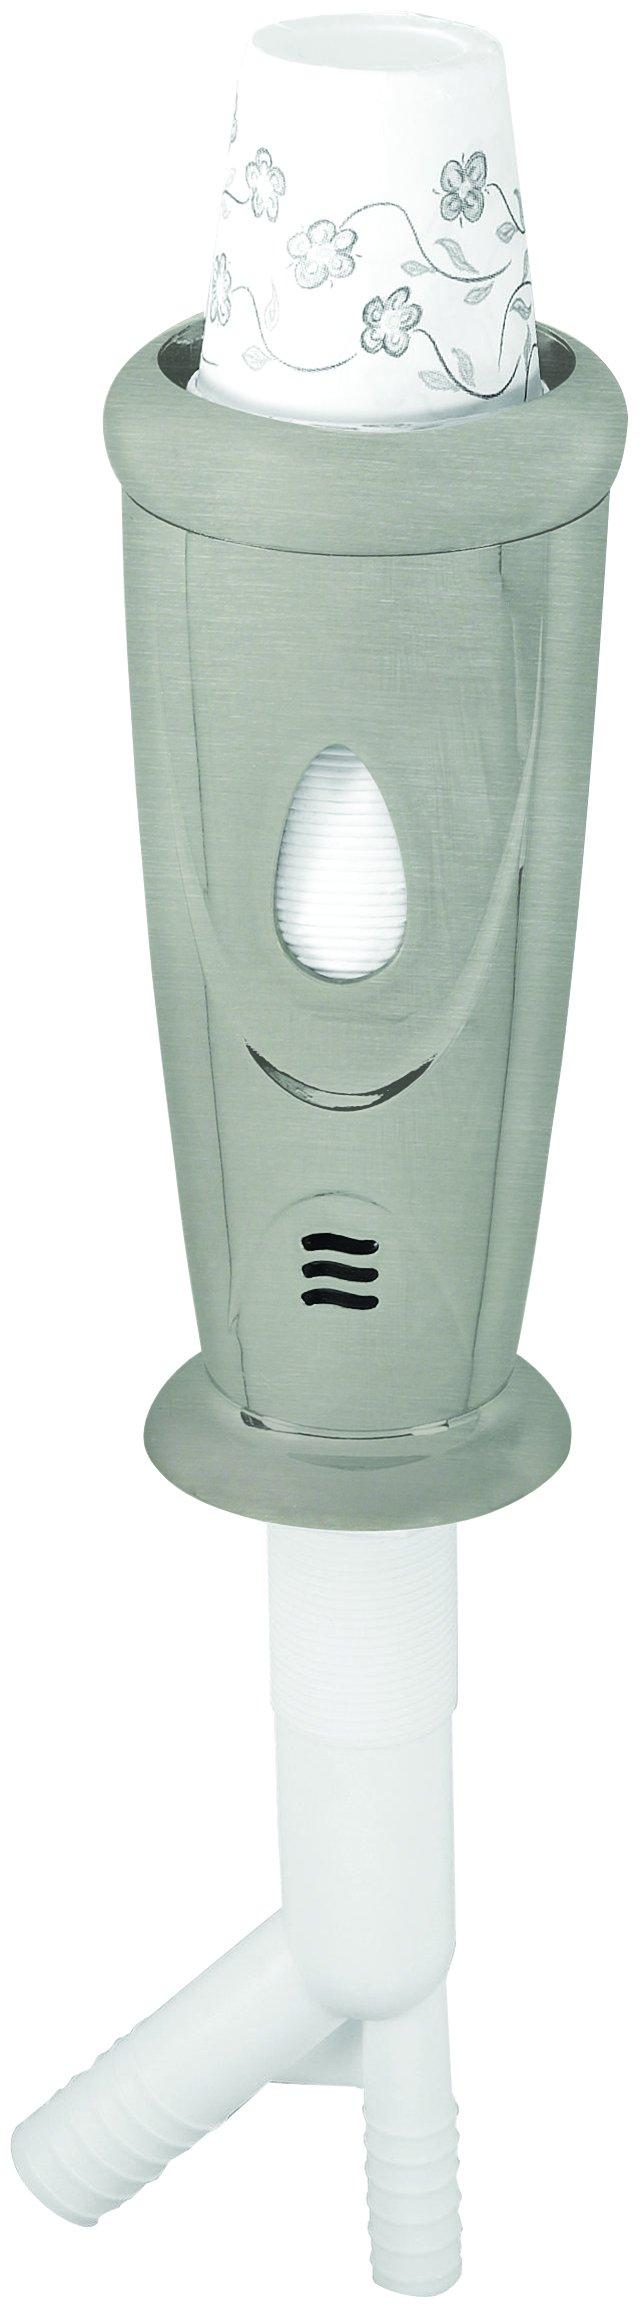 Nickel Kitchen Paper Cup Dispenser/Dishwasher Air Gap